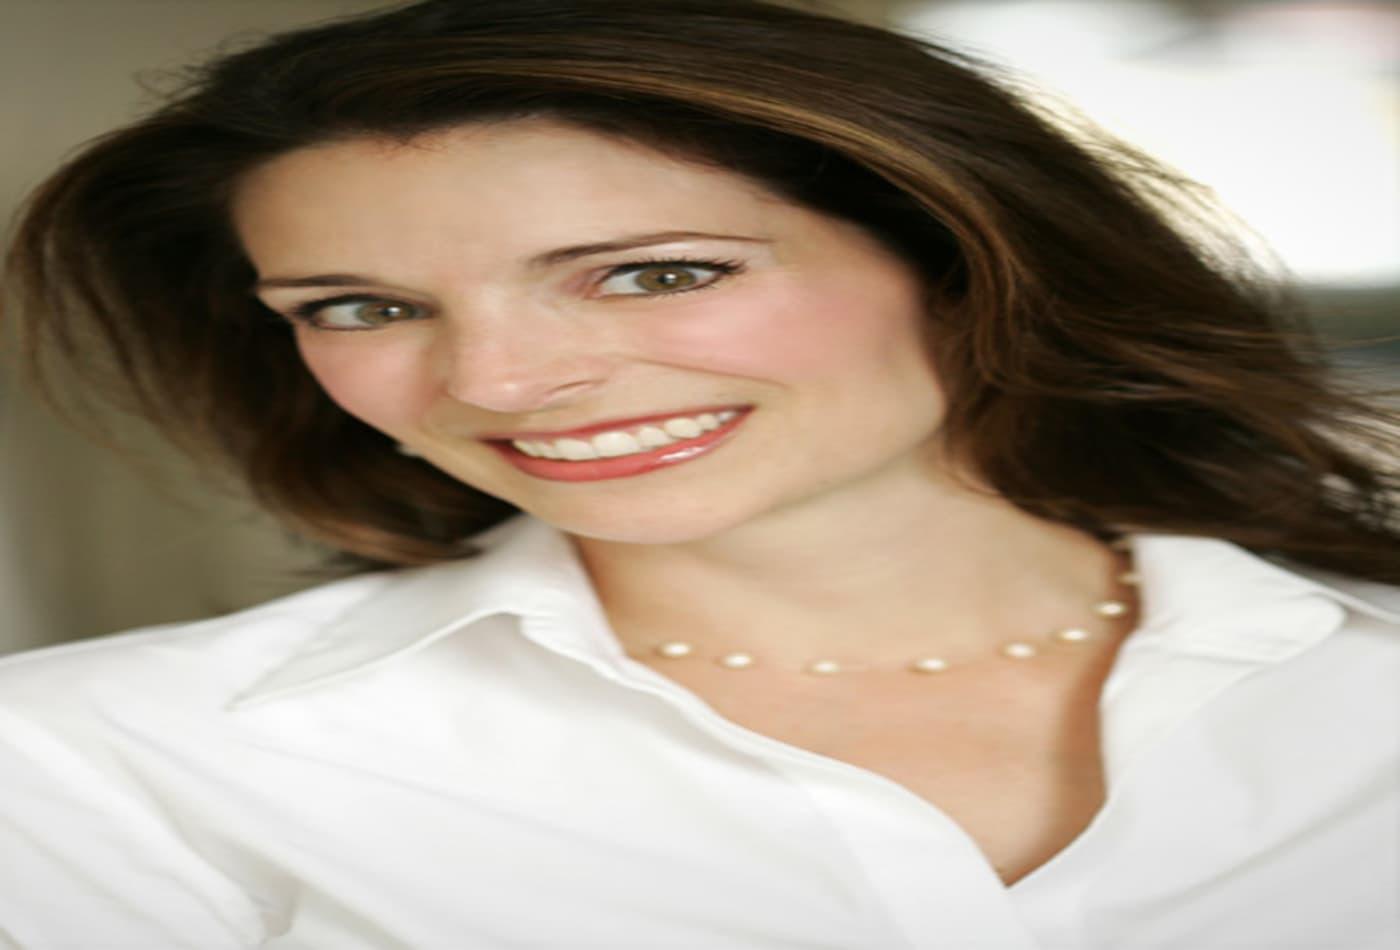 Jennifer-Simonetti-Bryan-Post-Wall-Street-Jobs-CNBC.jpg